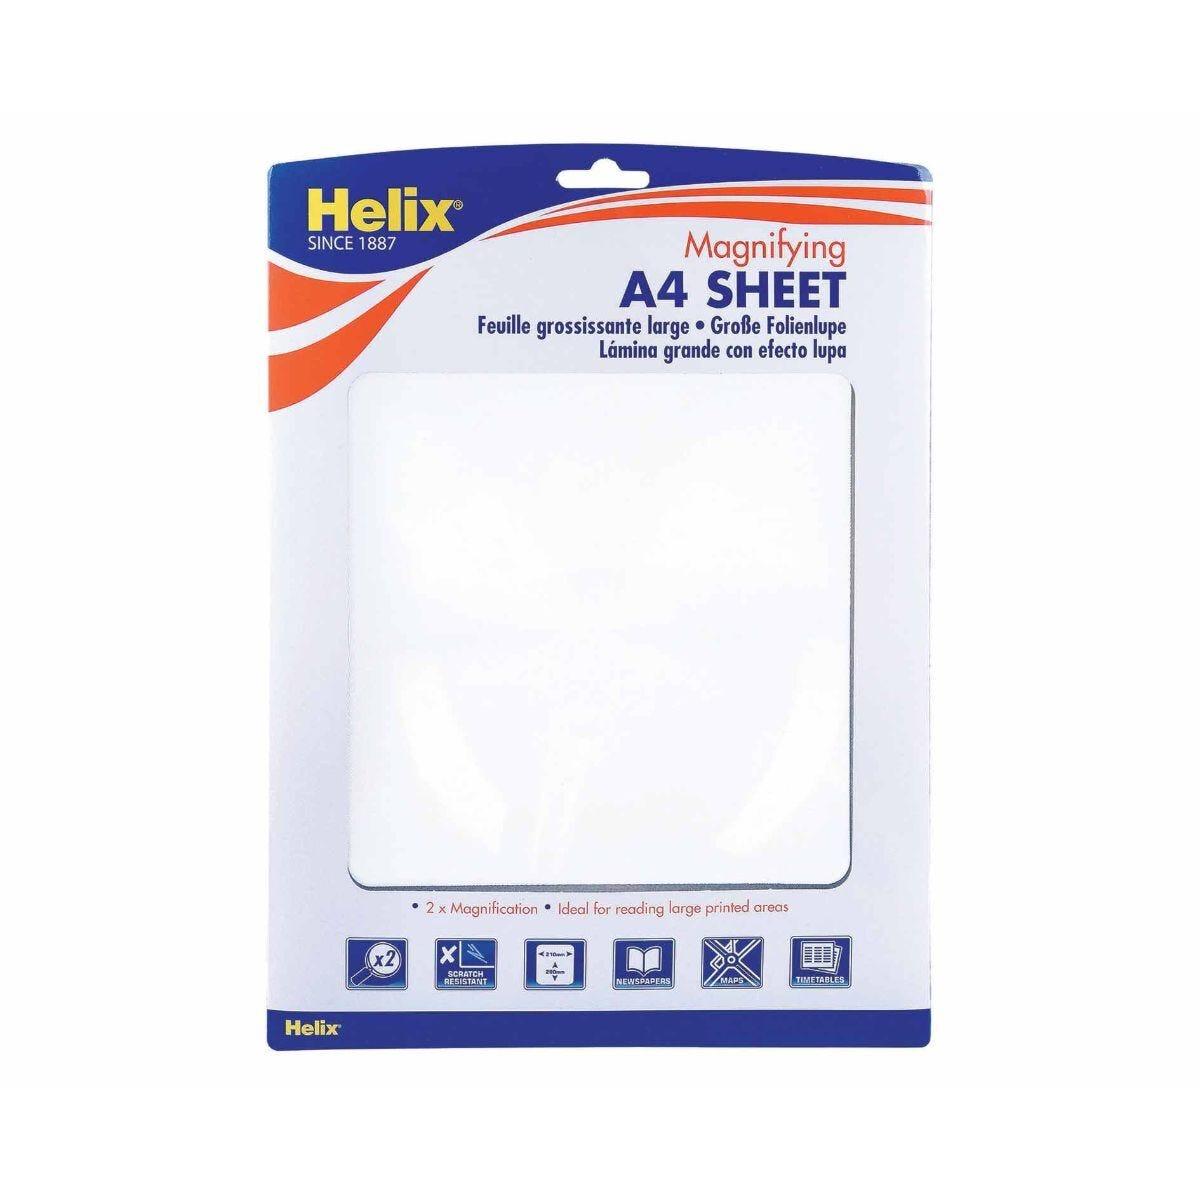 Helix Magnifying Sheet Large